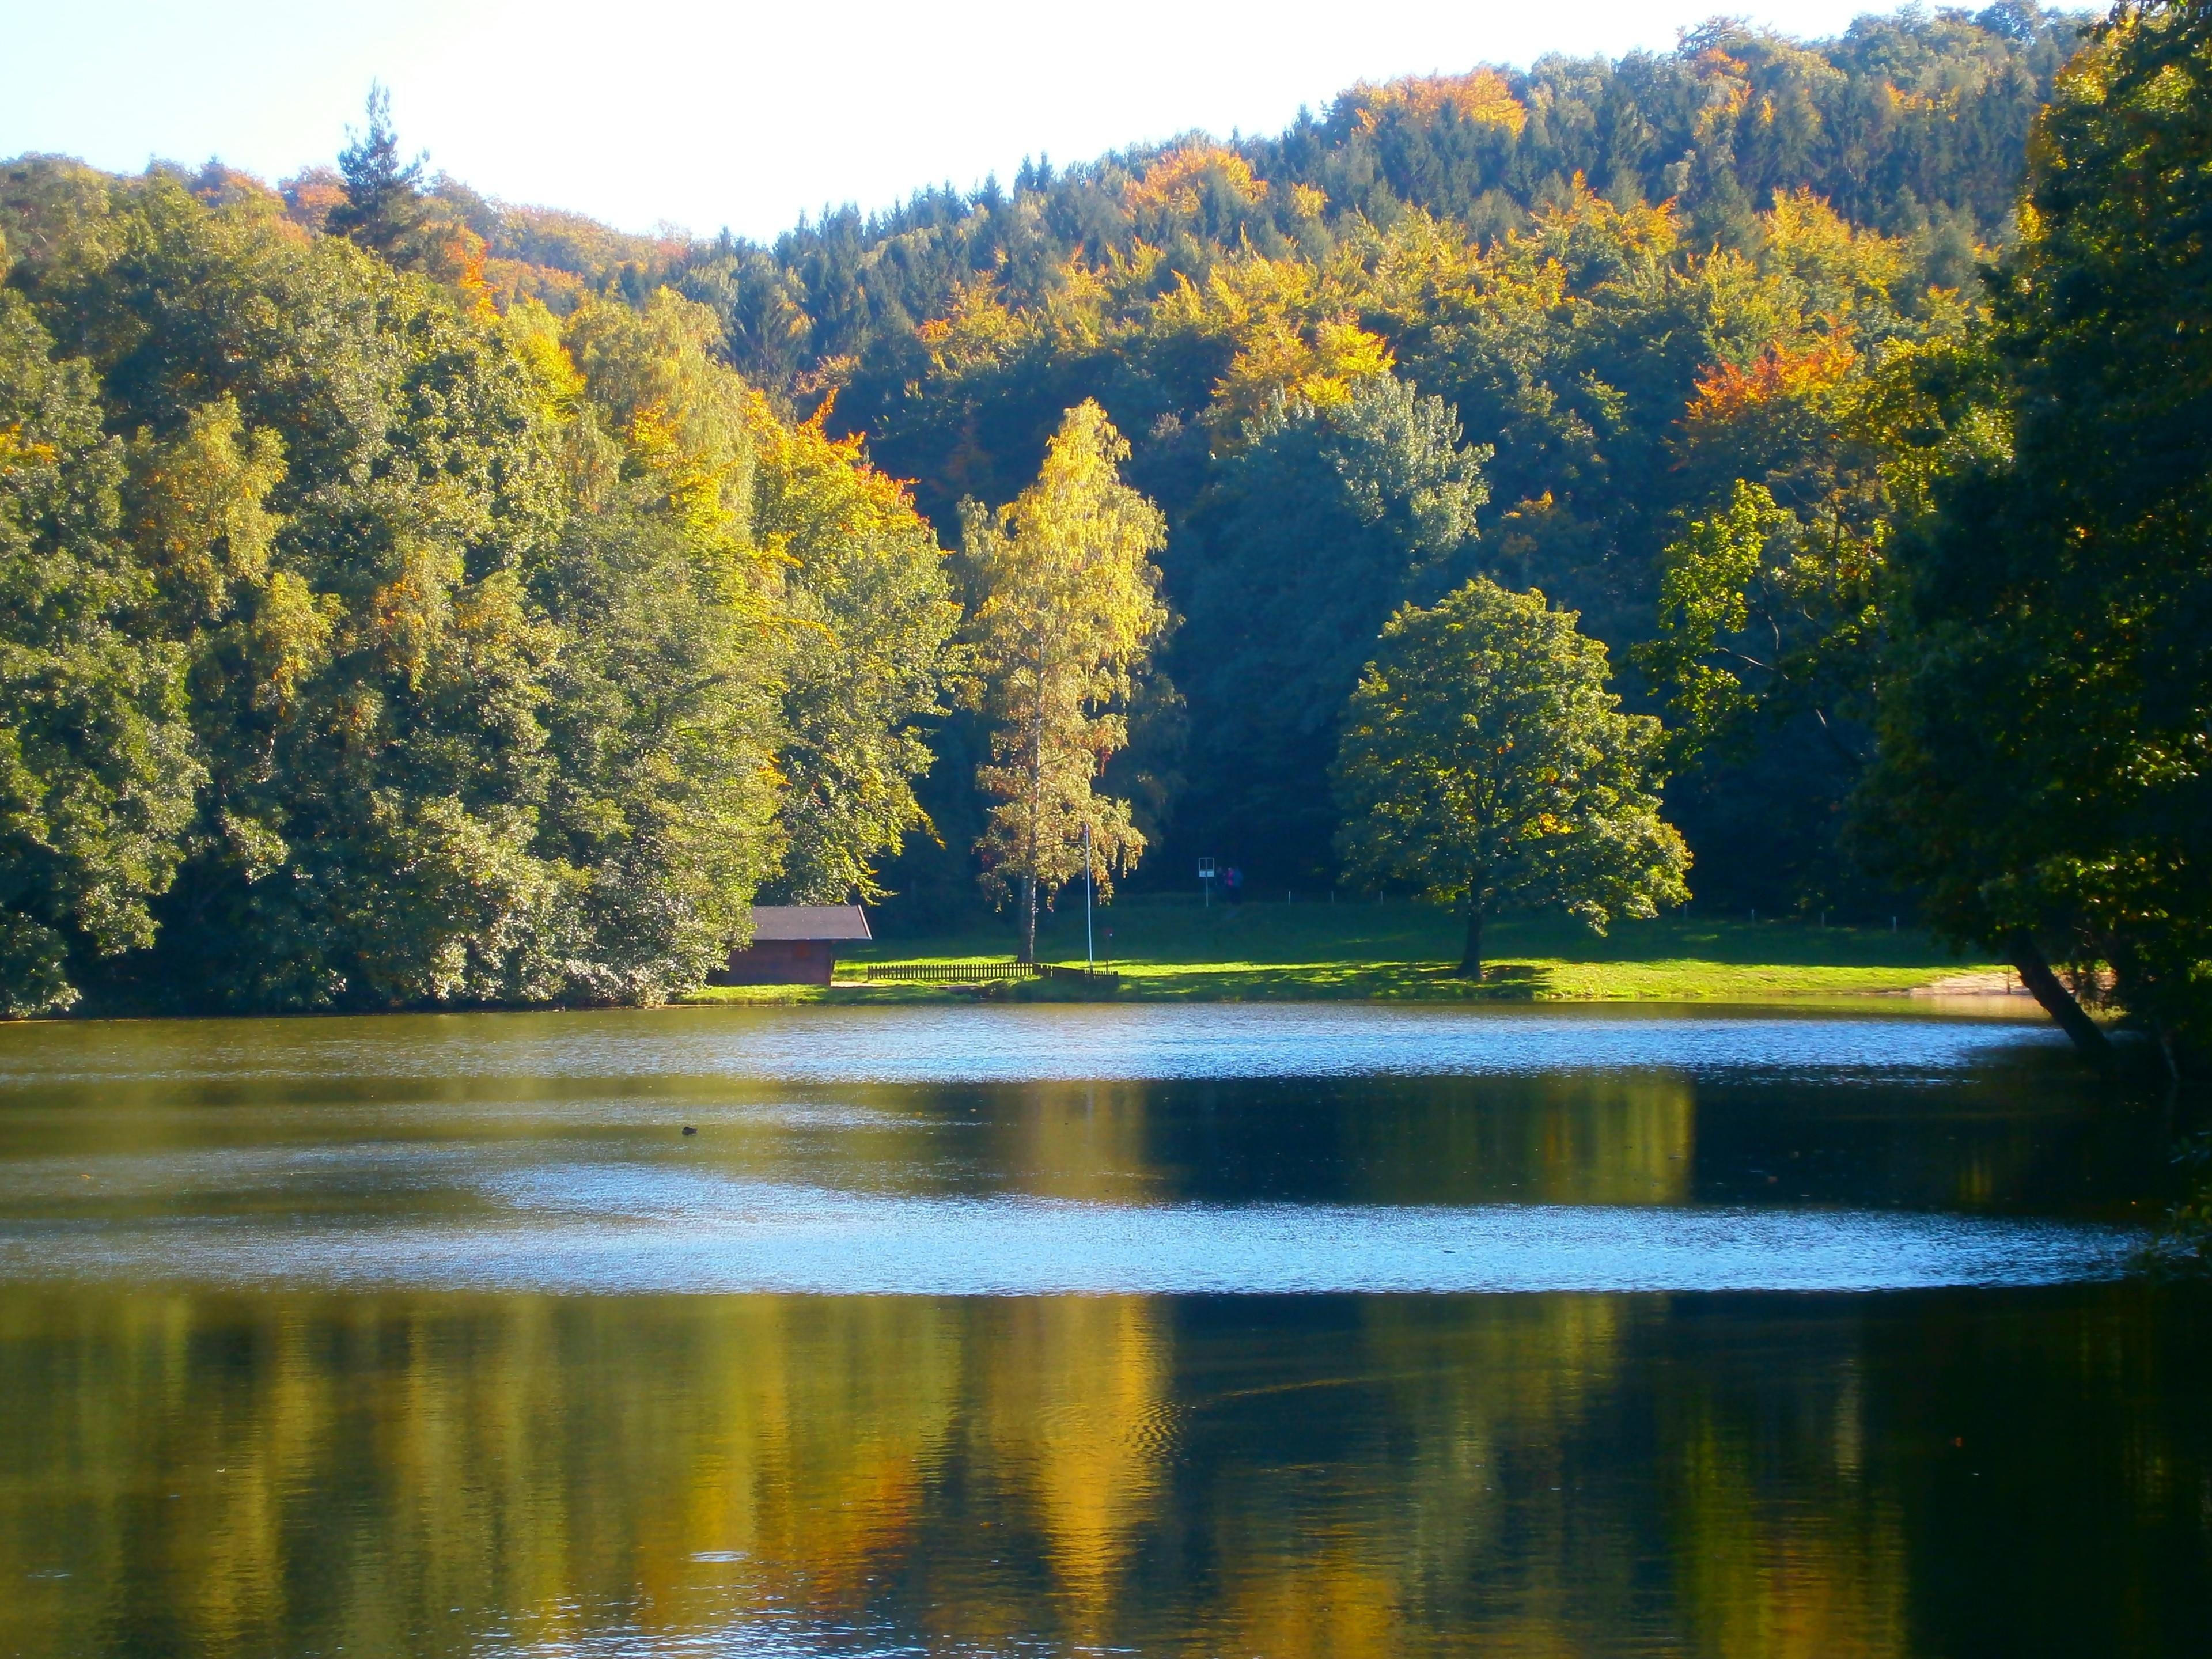 Gernrode, Quedlinburg, Saxony-Anhalt, Germany